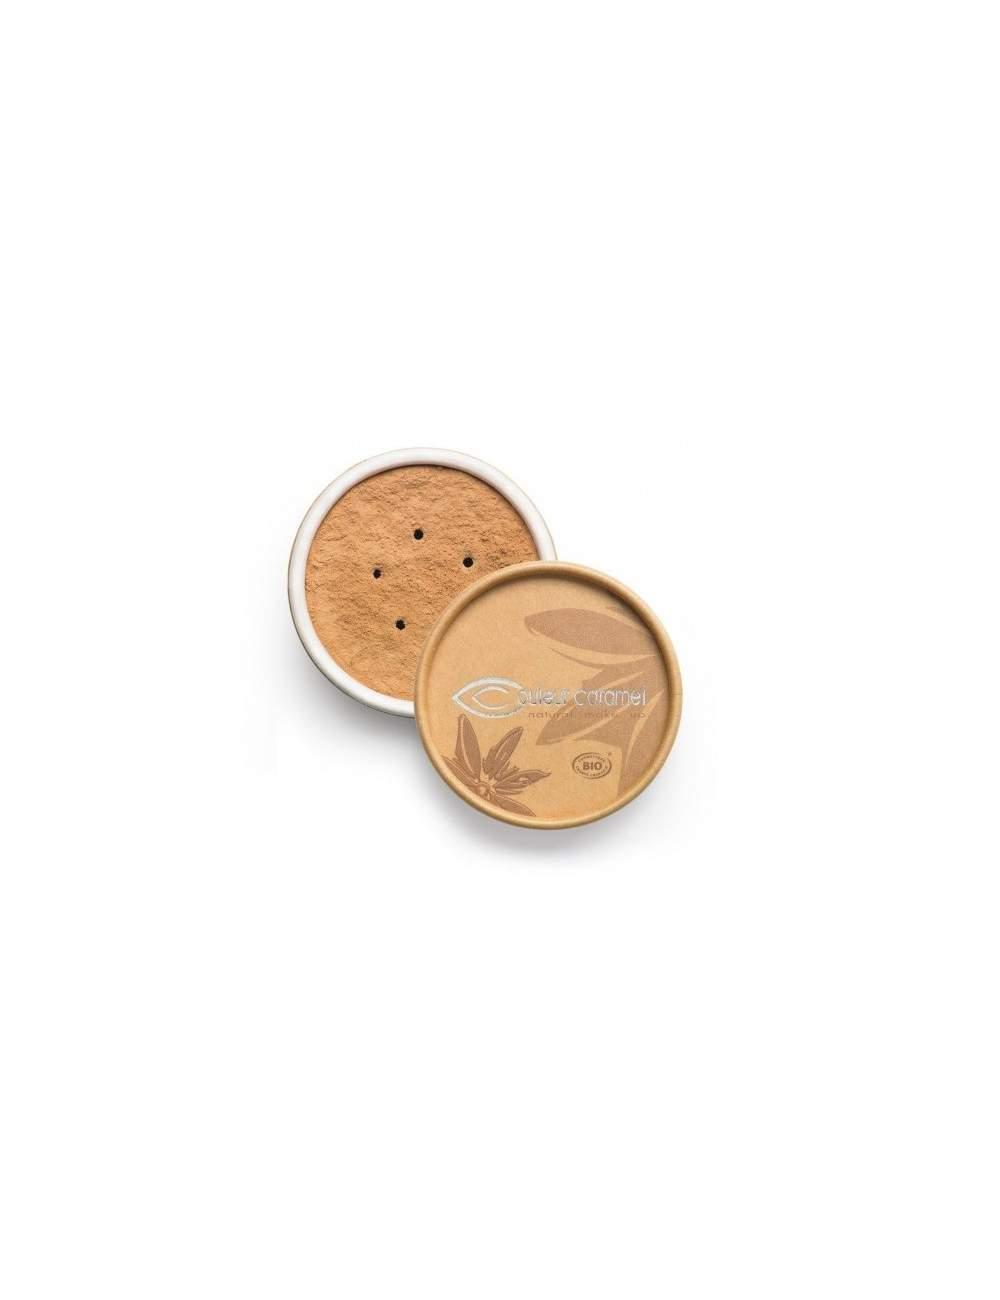 Base de Maquillaje Bio Mineral 03 Apricot Beige. Couleur Caramel